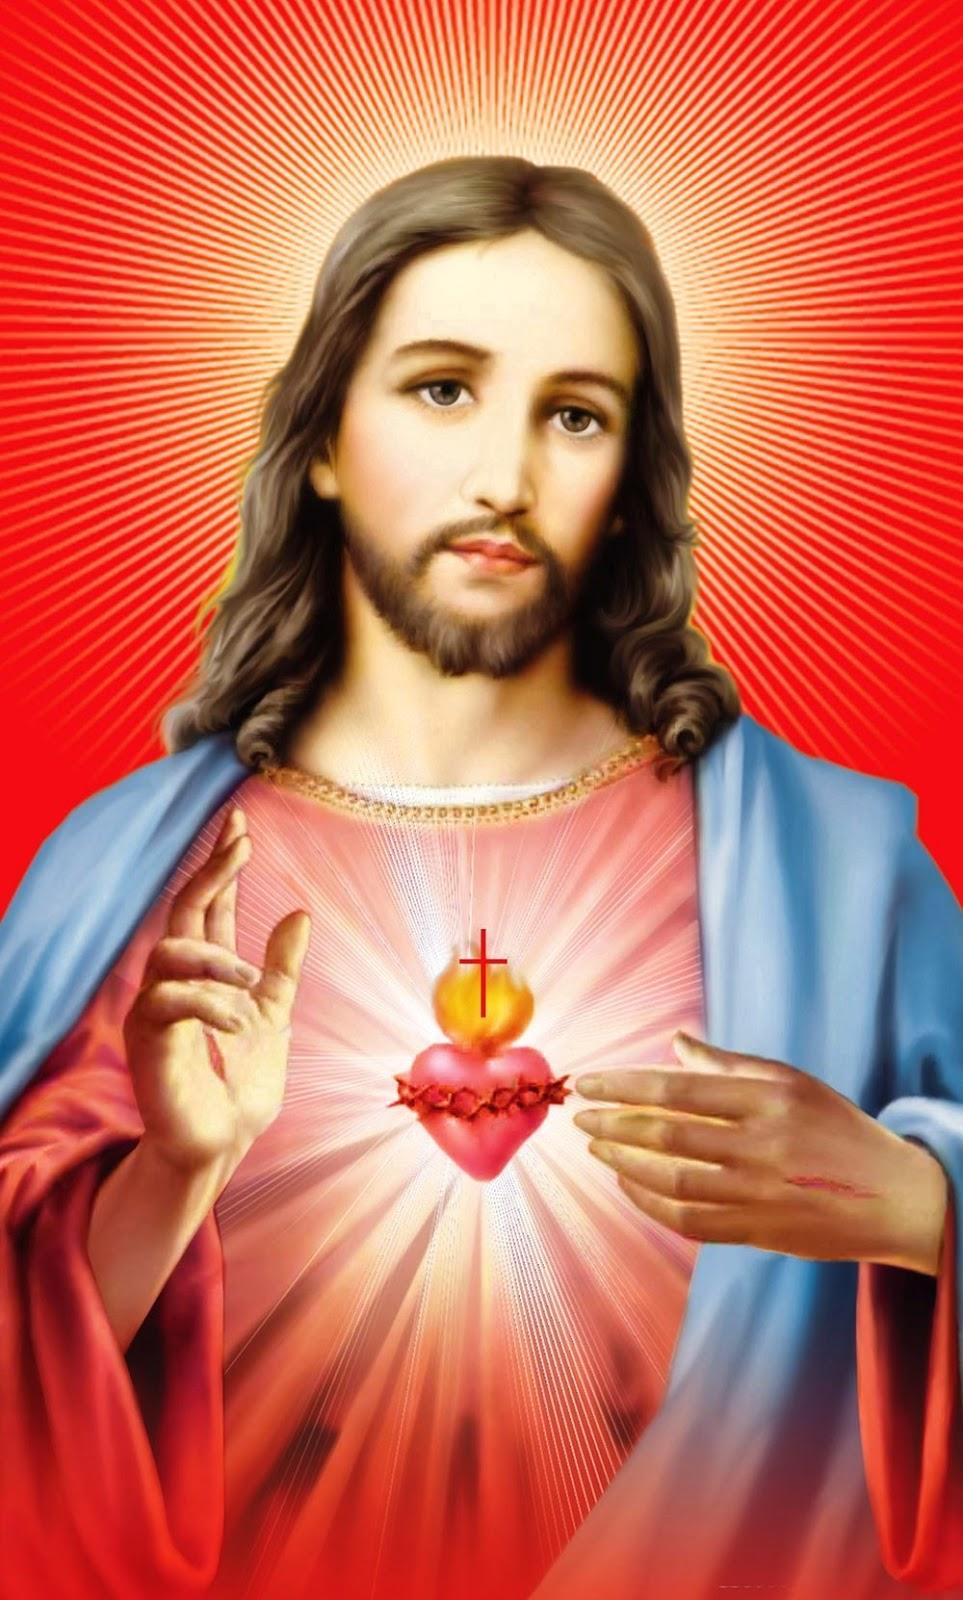 Chúa Giêsu và trái tim quấn gai